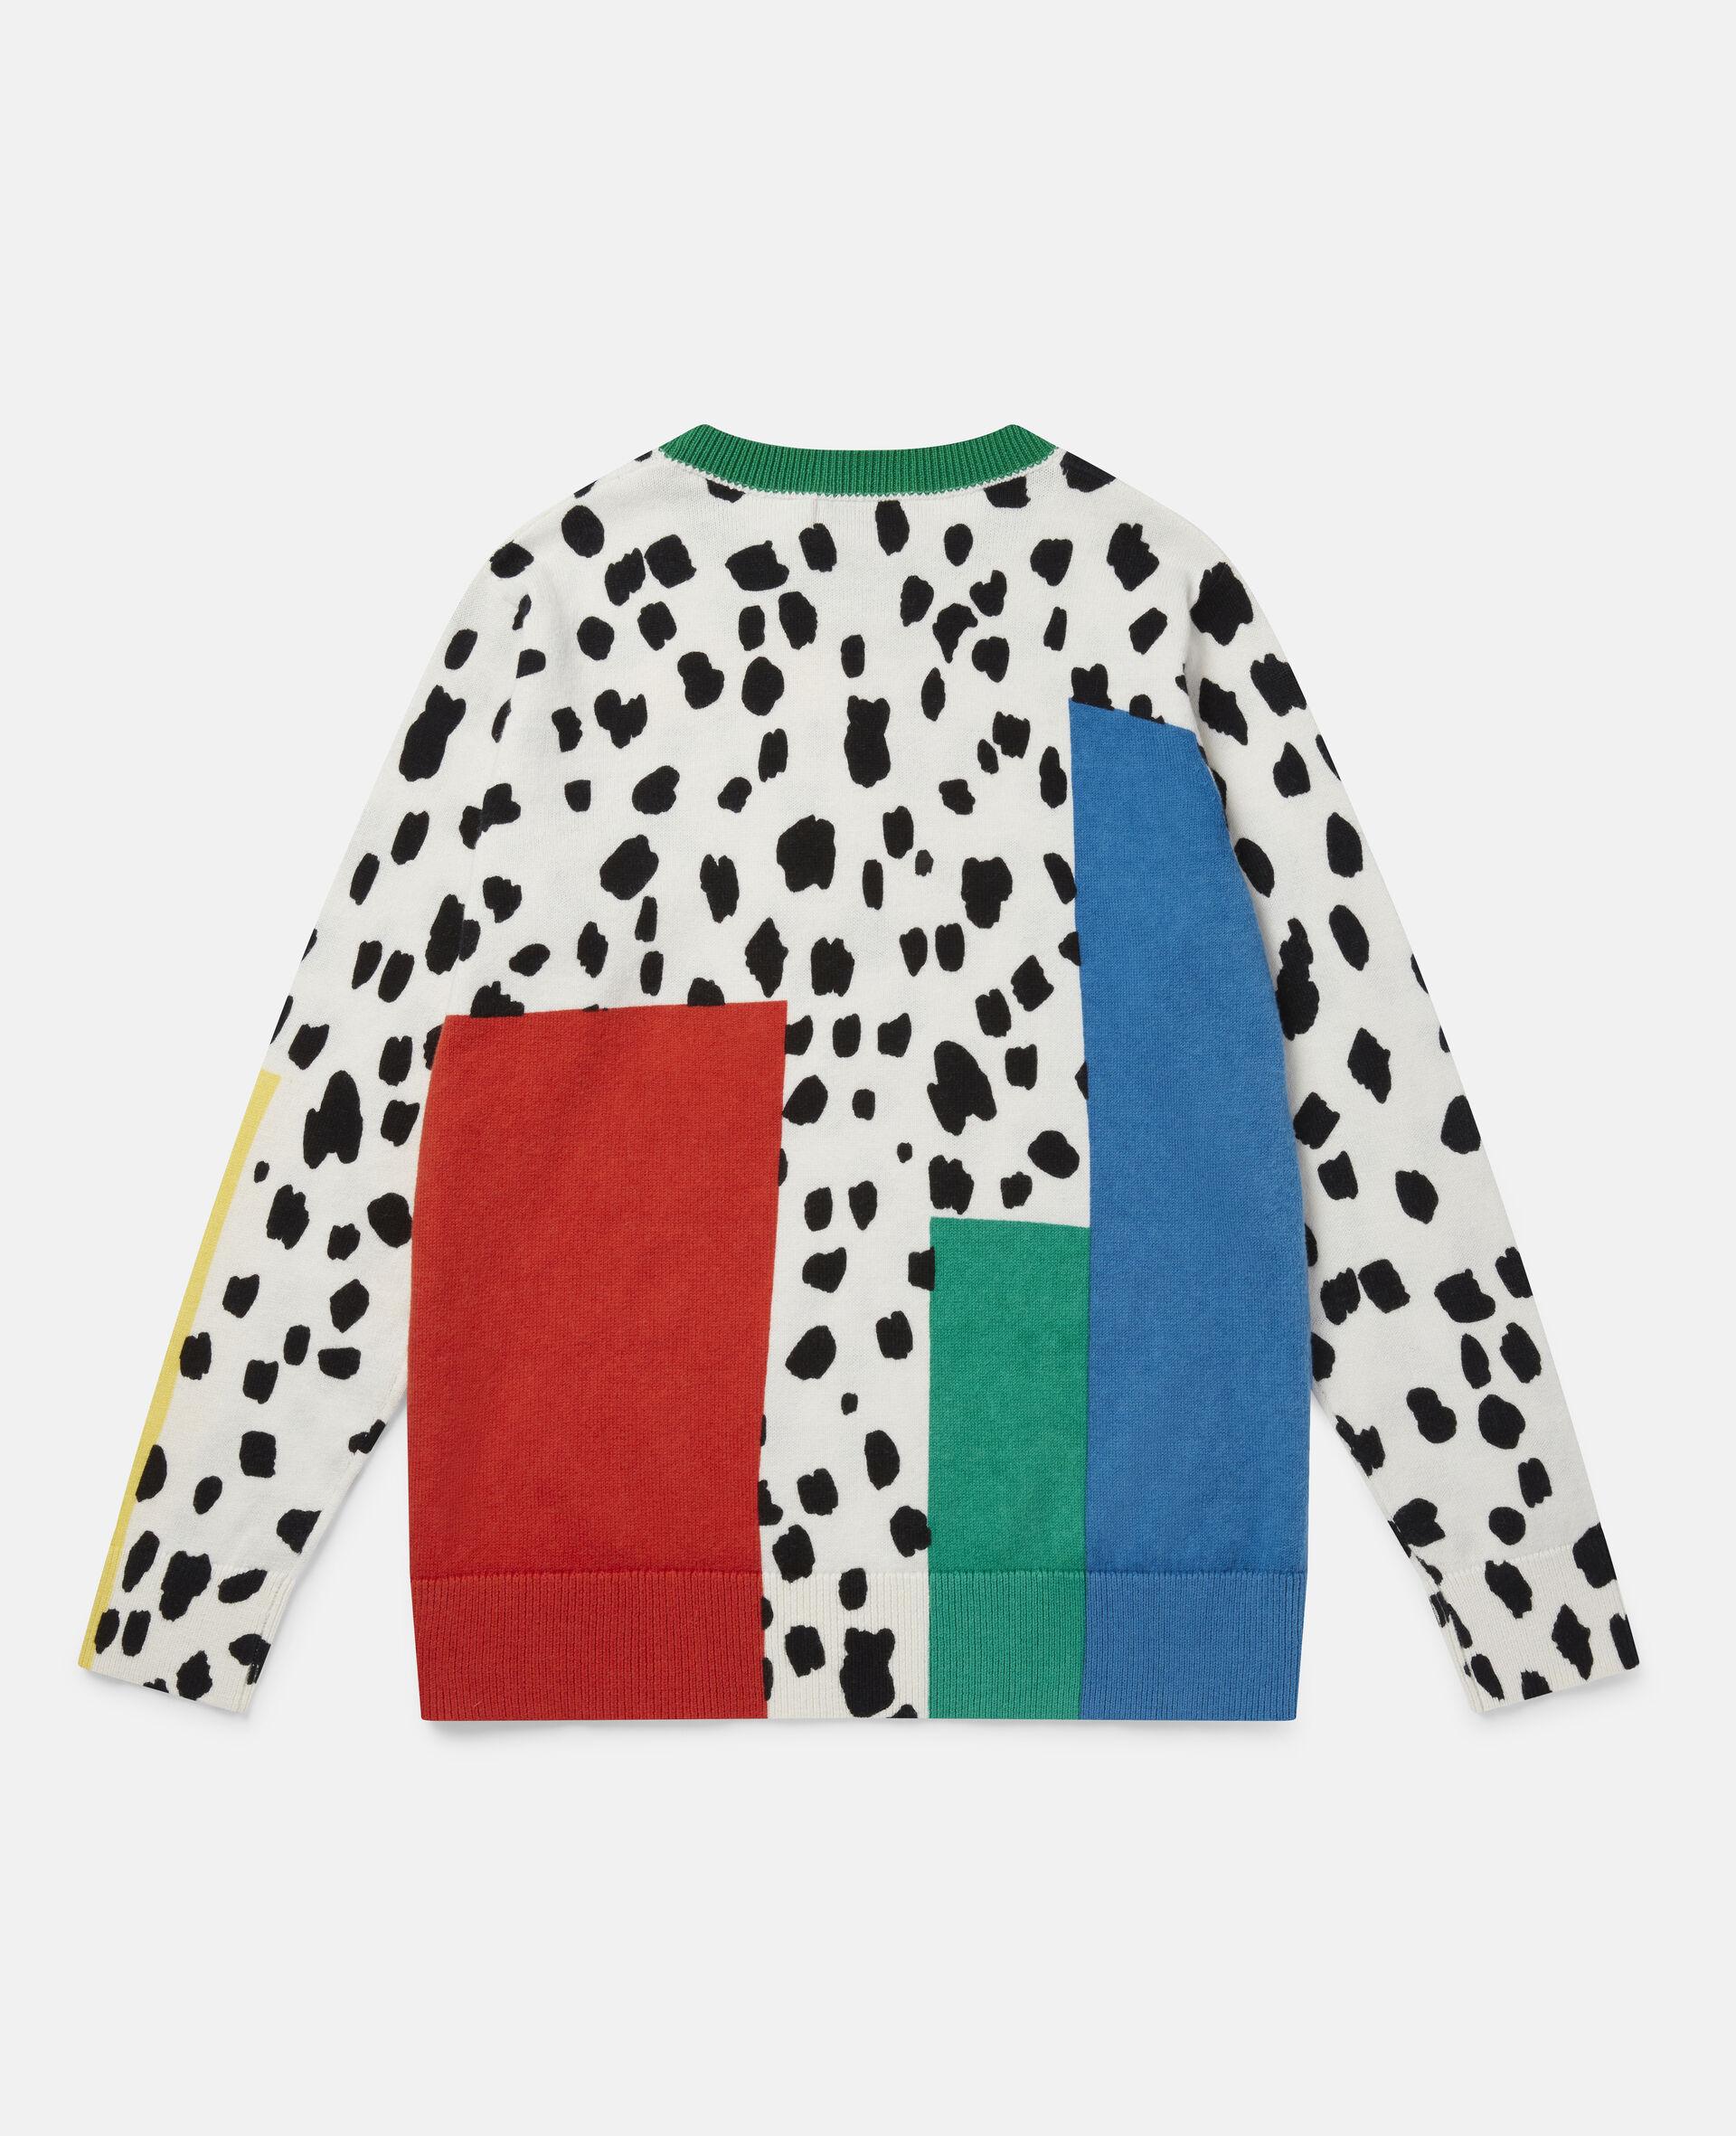 Pull en maille motif taches dalmatien-Fantaisie-large image number 3